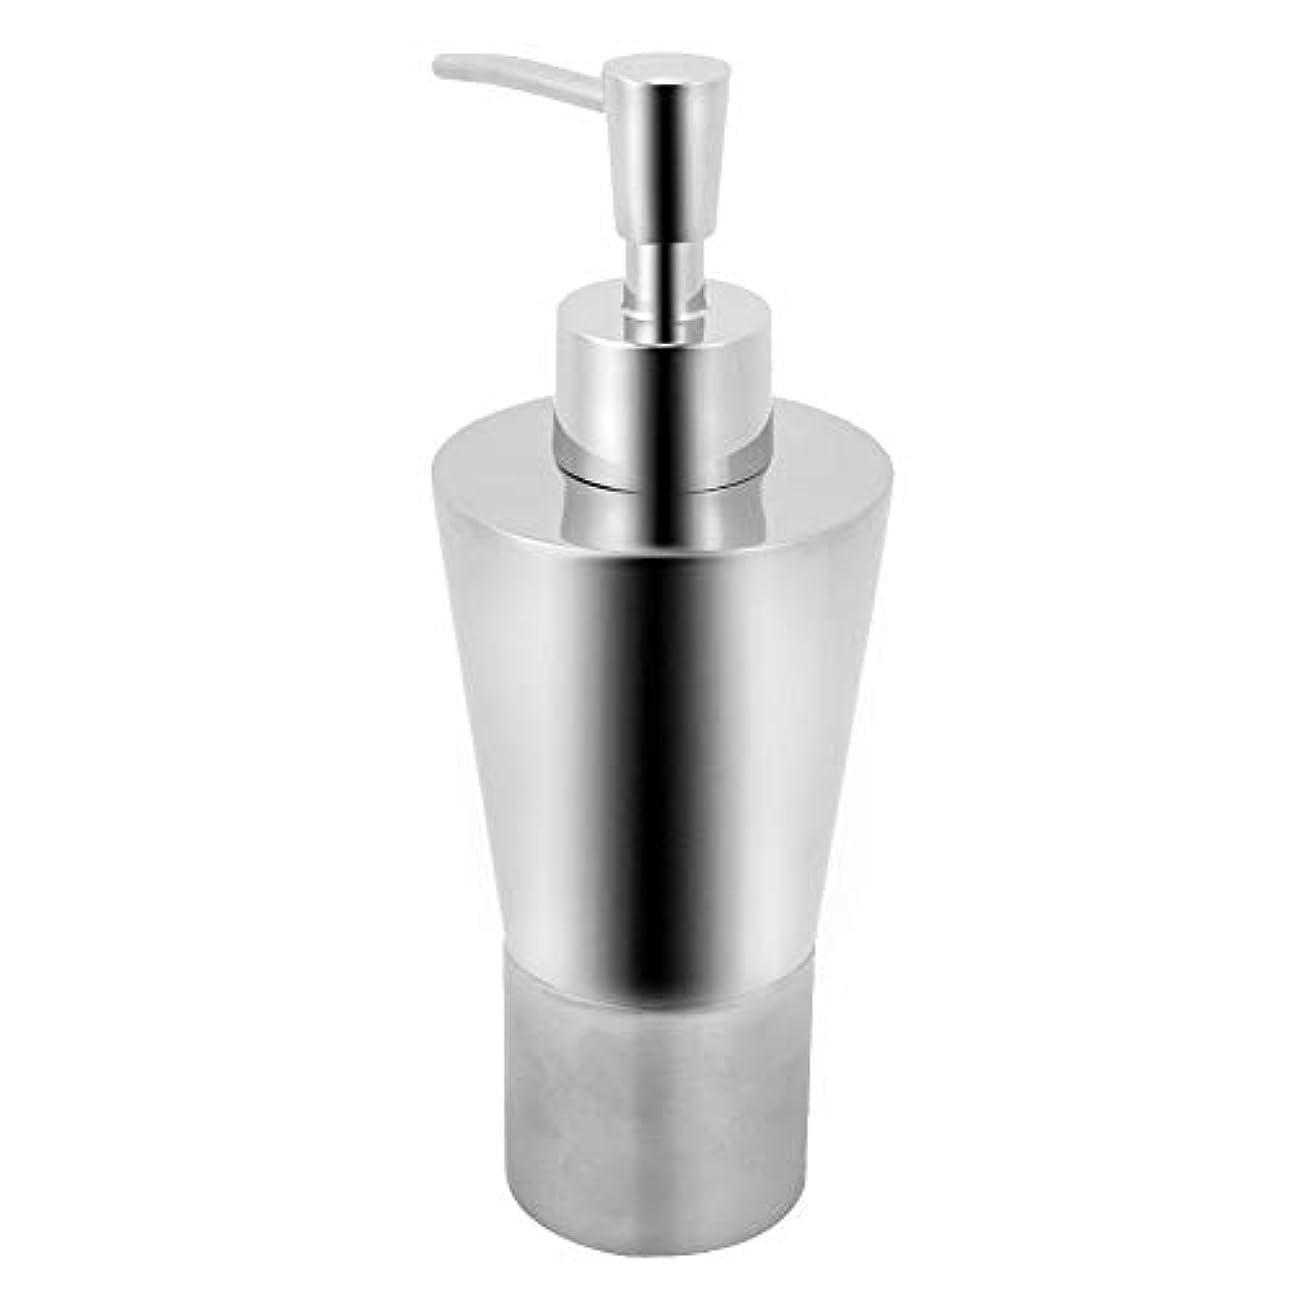 月面ジュラシックパークお気に入りdootiディスペンサー 詰め替え ハンドソープ 洗剤ボトル ステンレス 耐久性 防水 防錆 多種類のソープ液体に適用